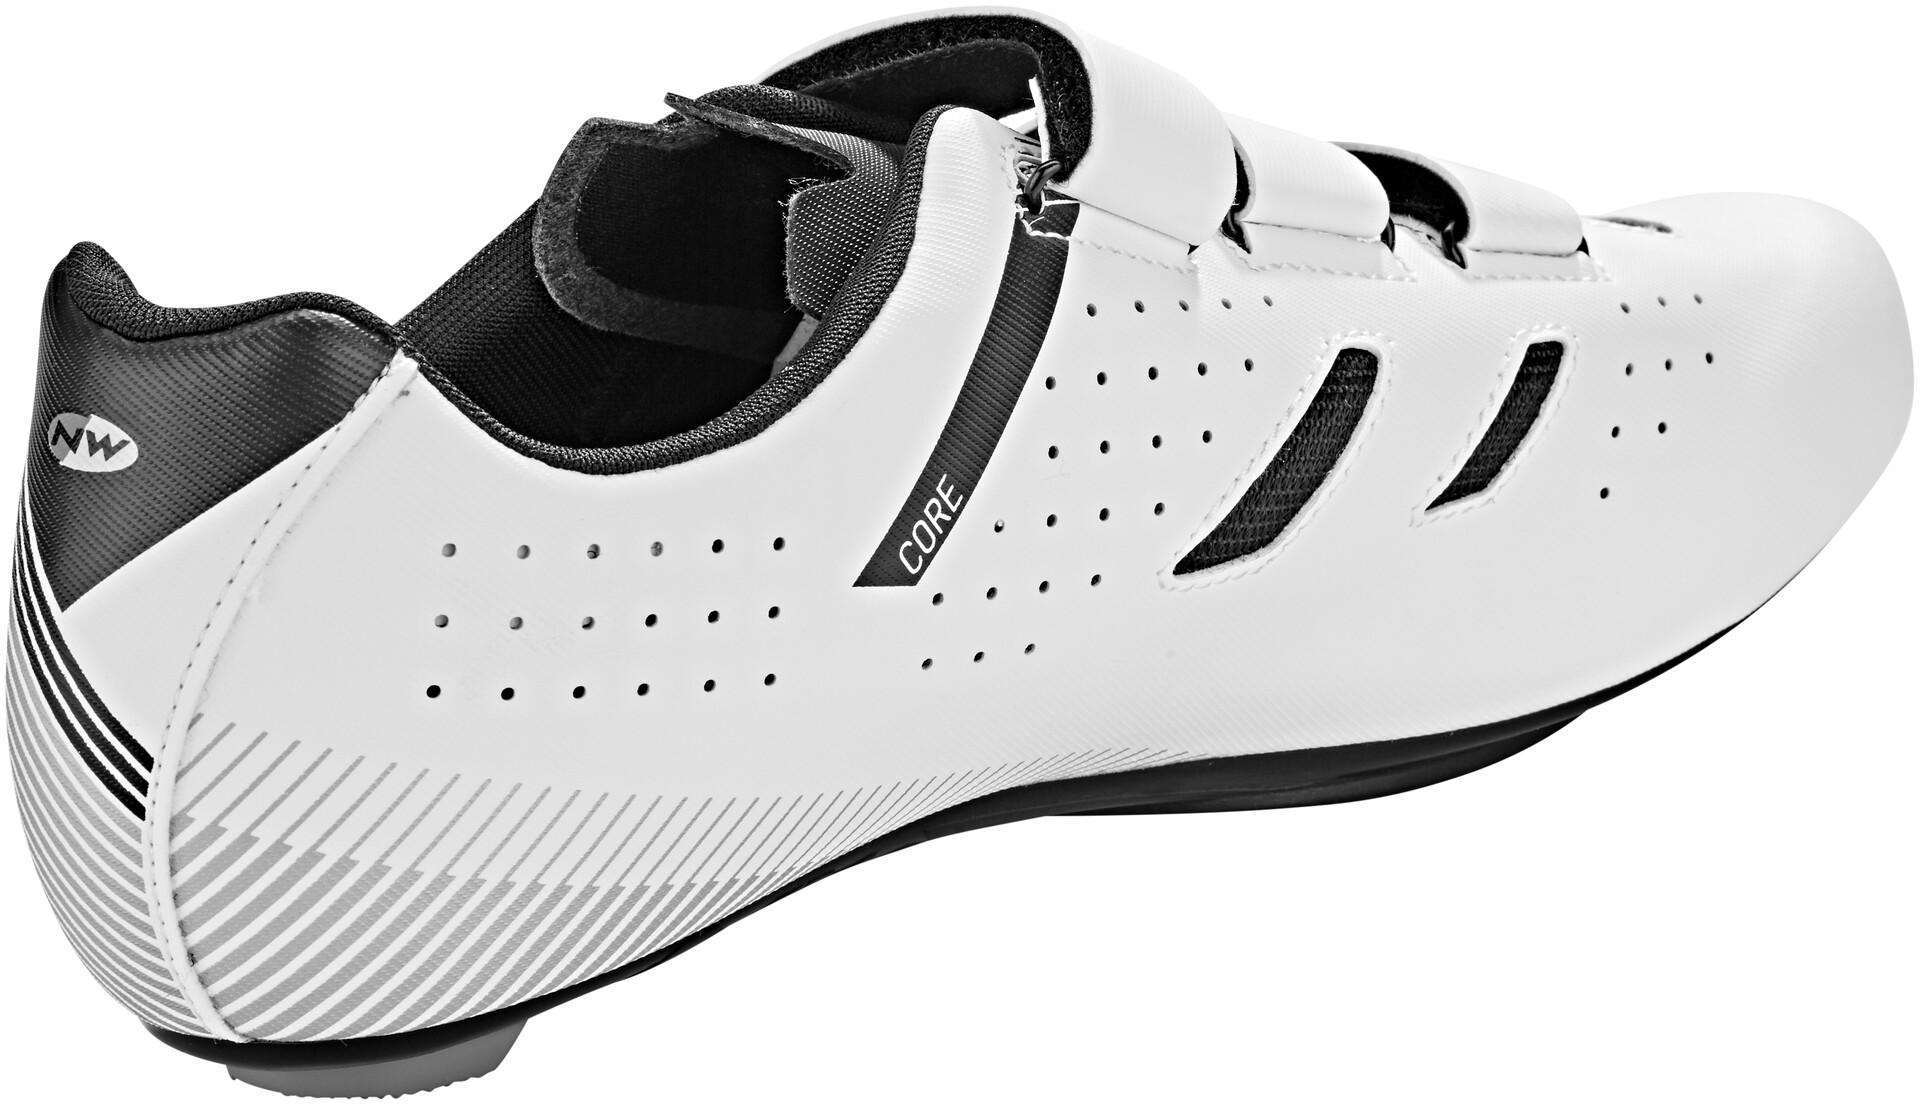 Herren White Northwave Northwave Shoes Core Northwave Herren Shoes Core Shoes Core White dBWxoeQrC